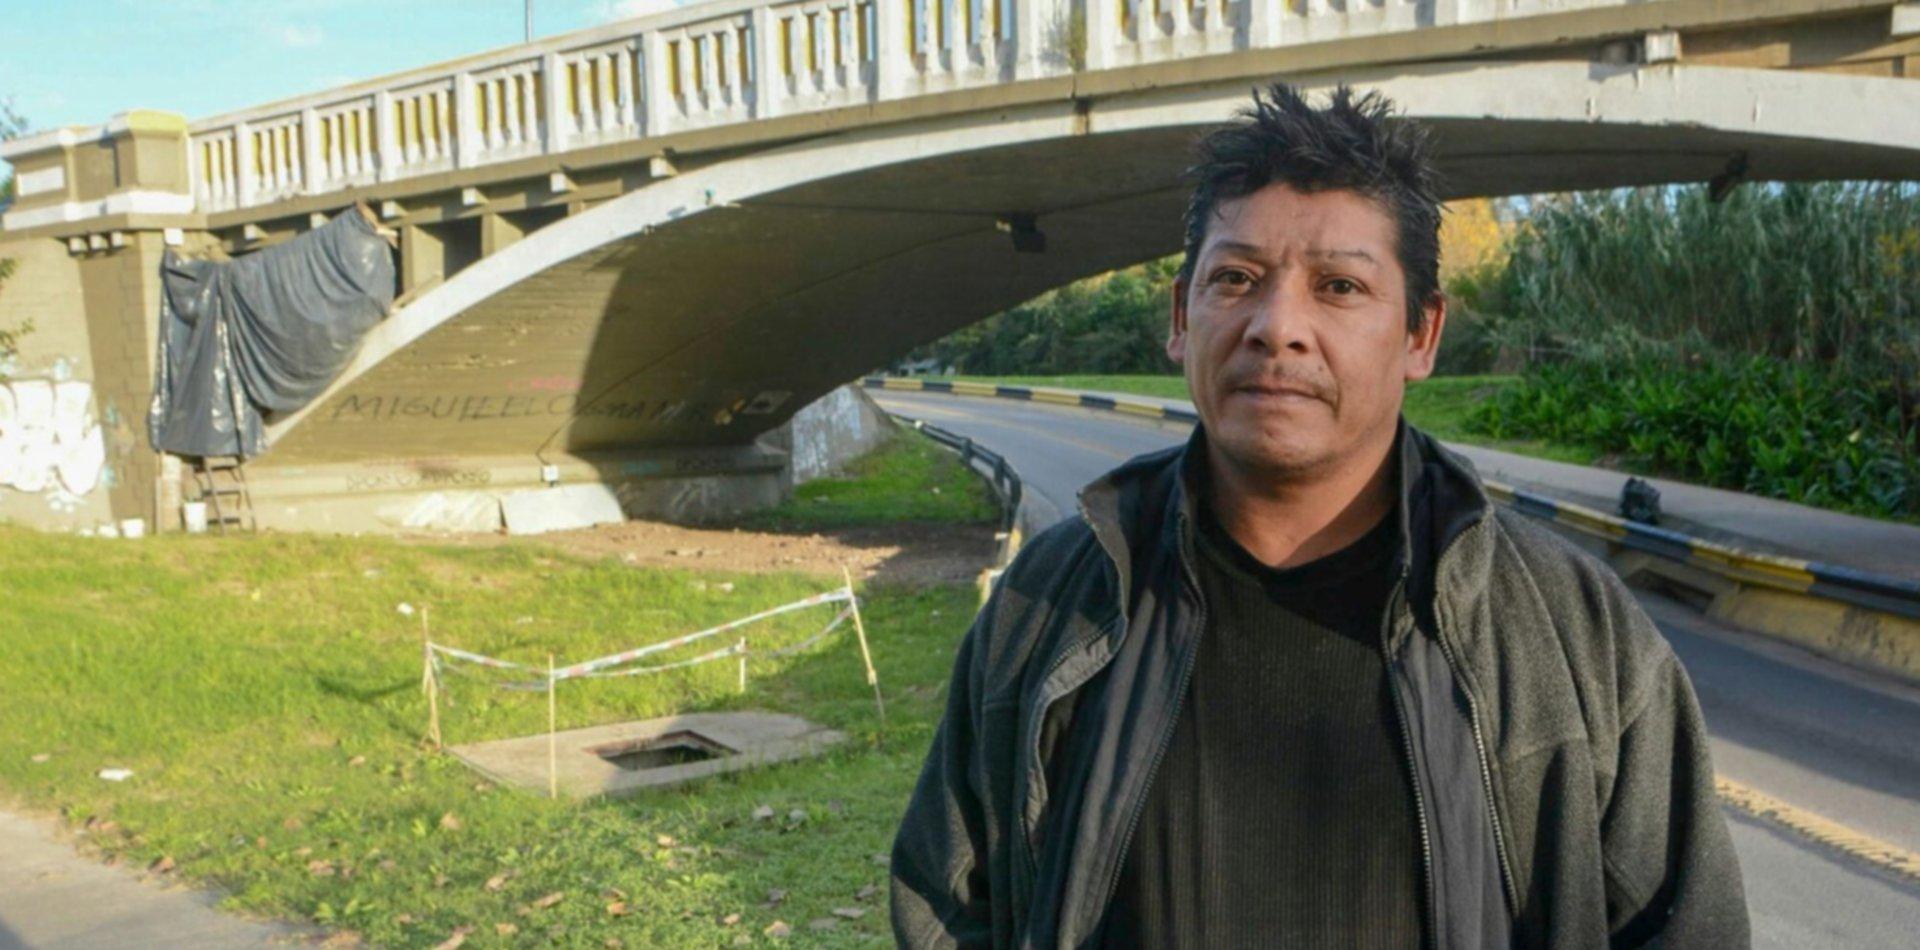 La historia de Carlos, que vive hace 5 años bajo unpuente declarado patrimonio histórico de La Plata